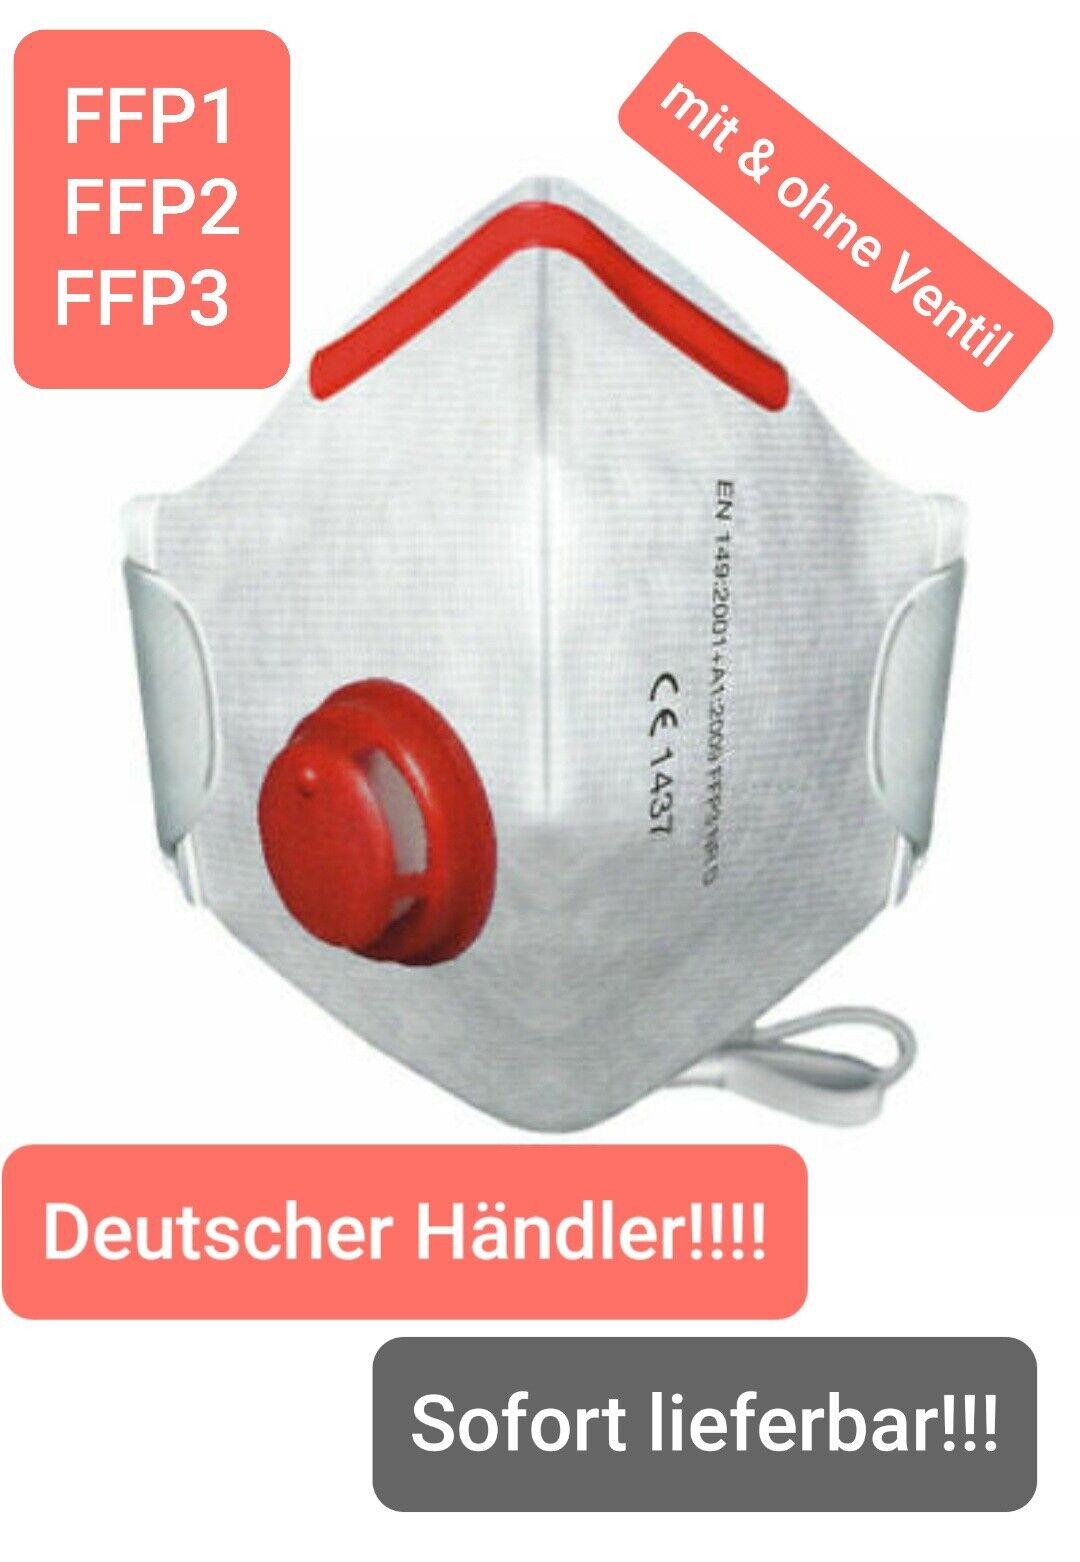 Atemschutz Feinstaubmasken mit & ohne Ventil FFP1 FFP2 FFP3 Staubmasken